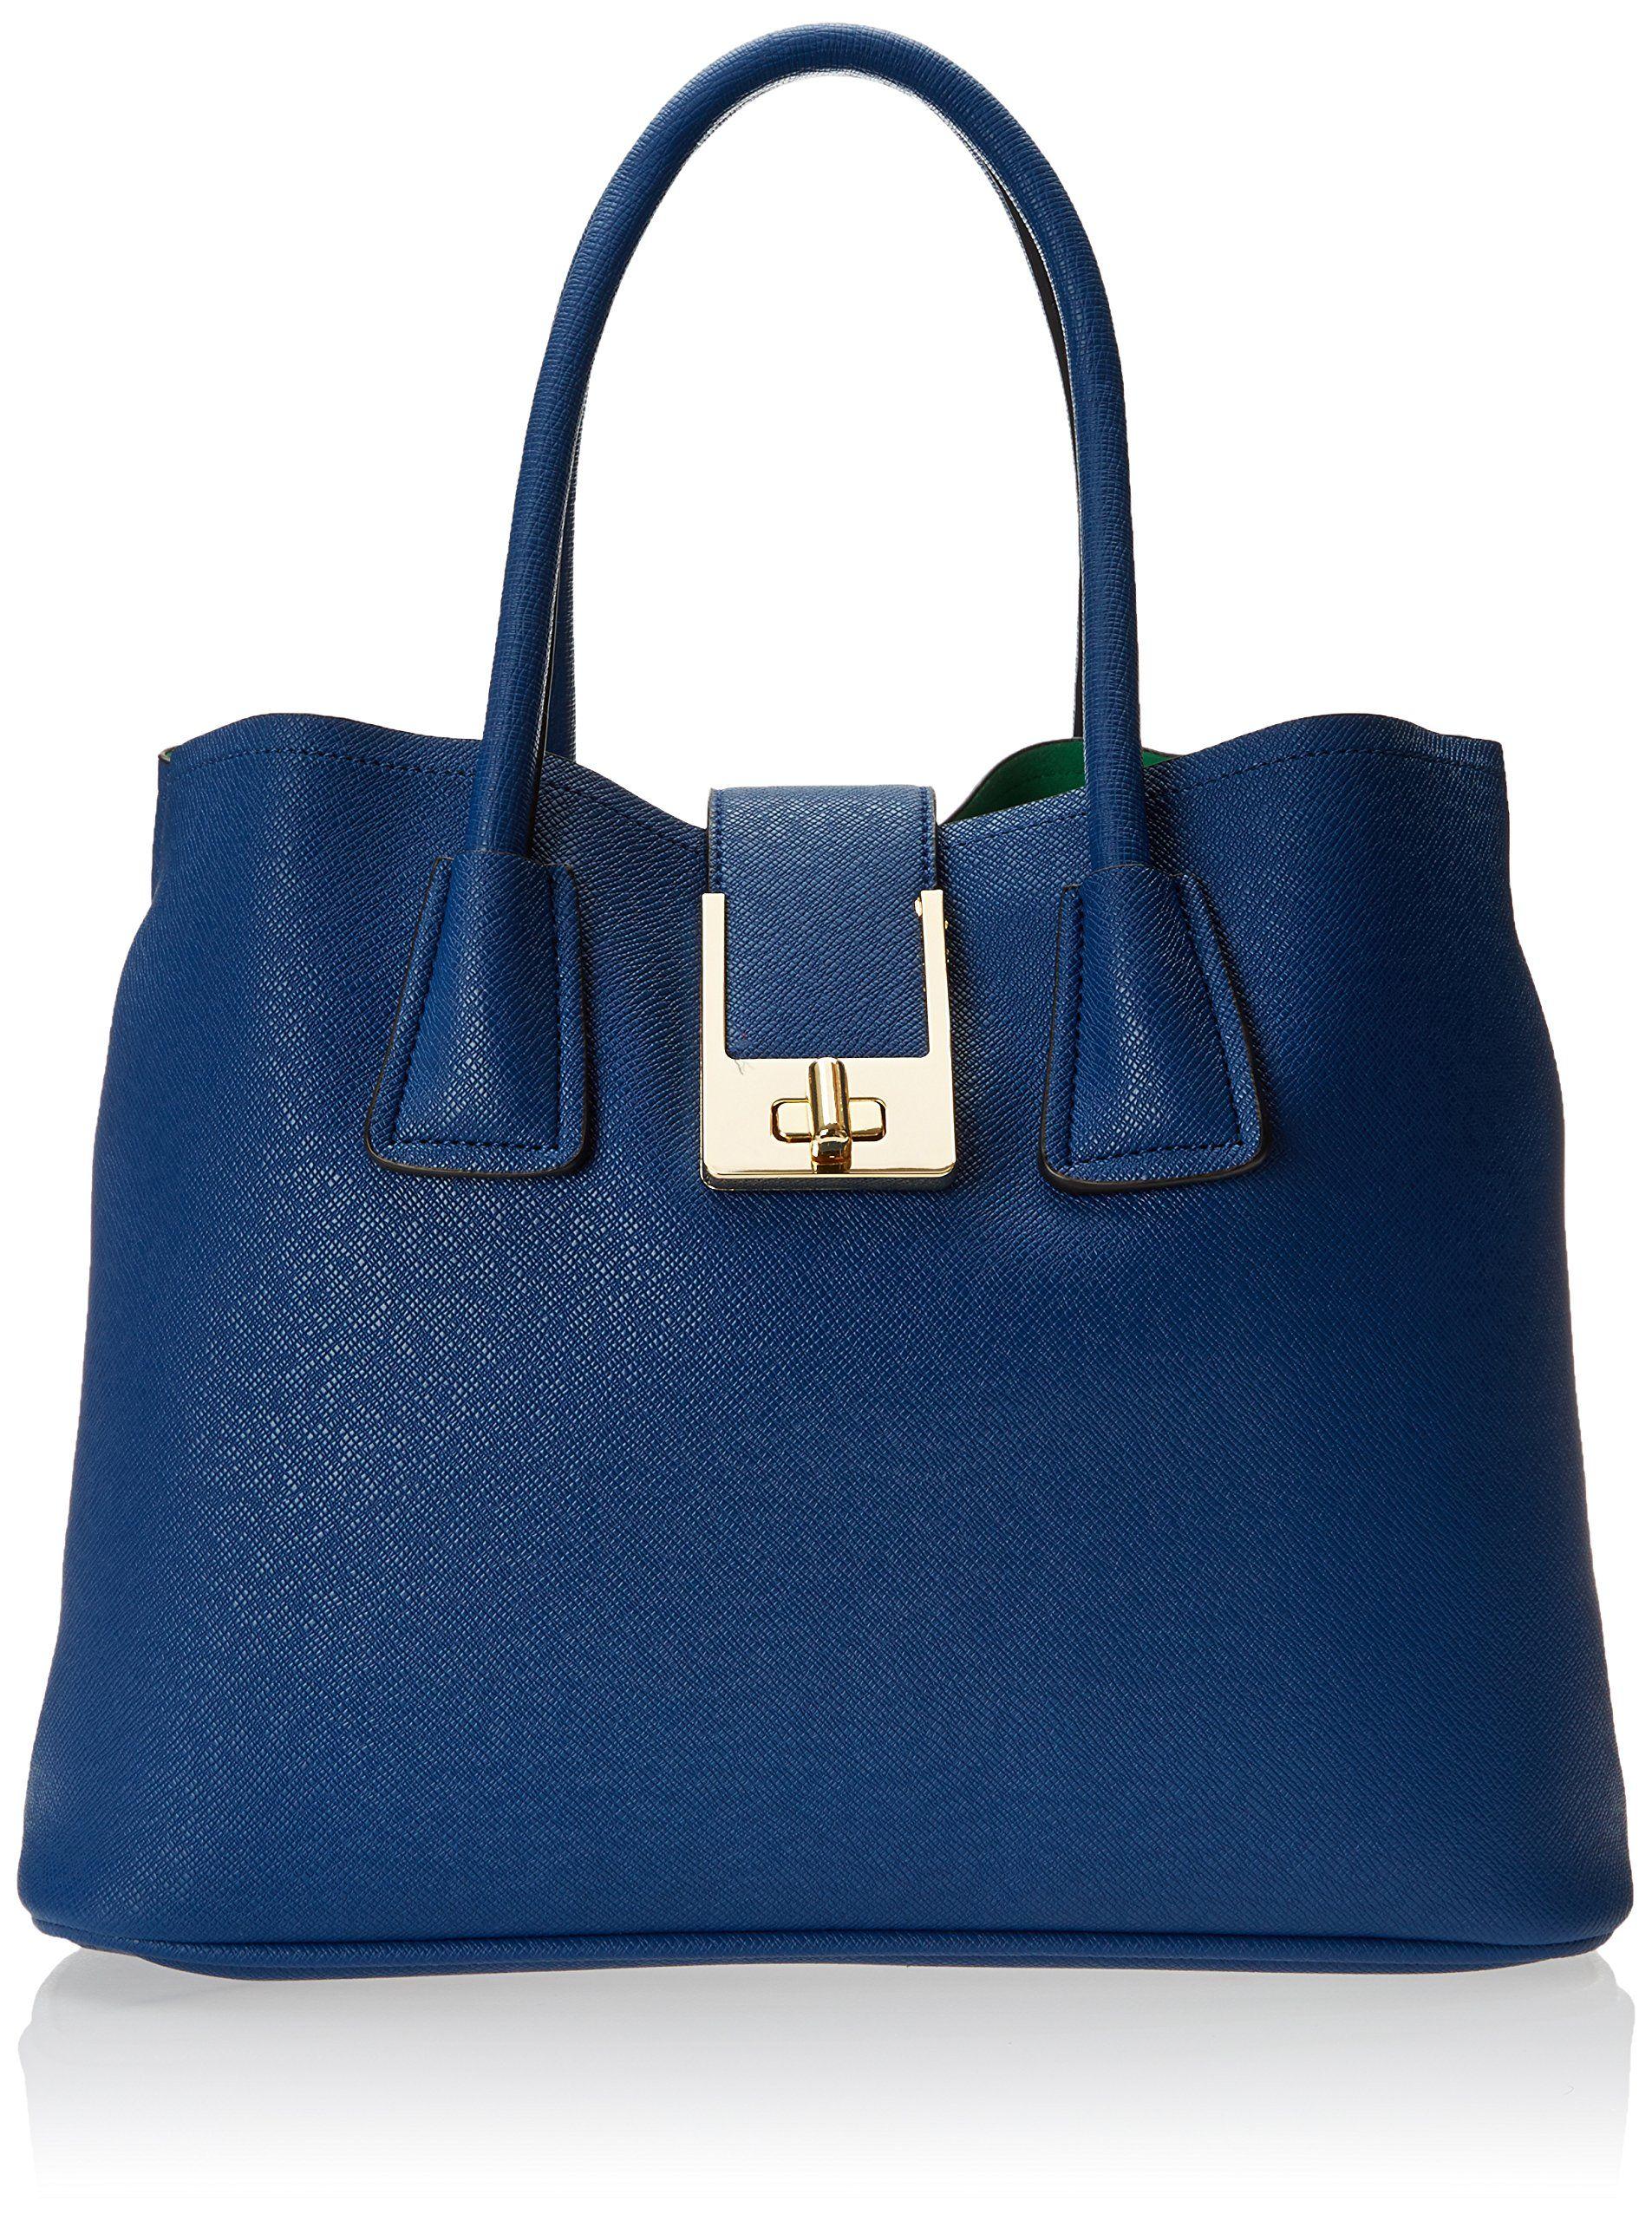 629bc1b22a2 Aldo Towler Top Handle Bag